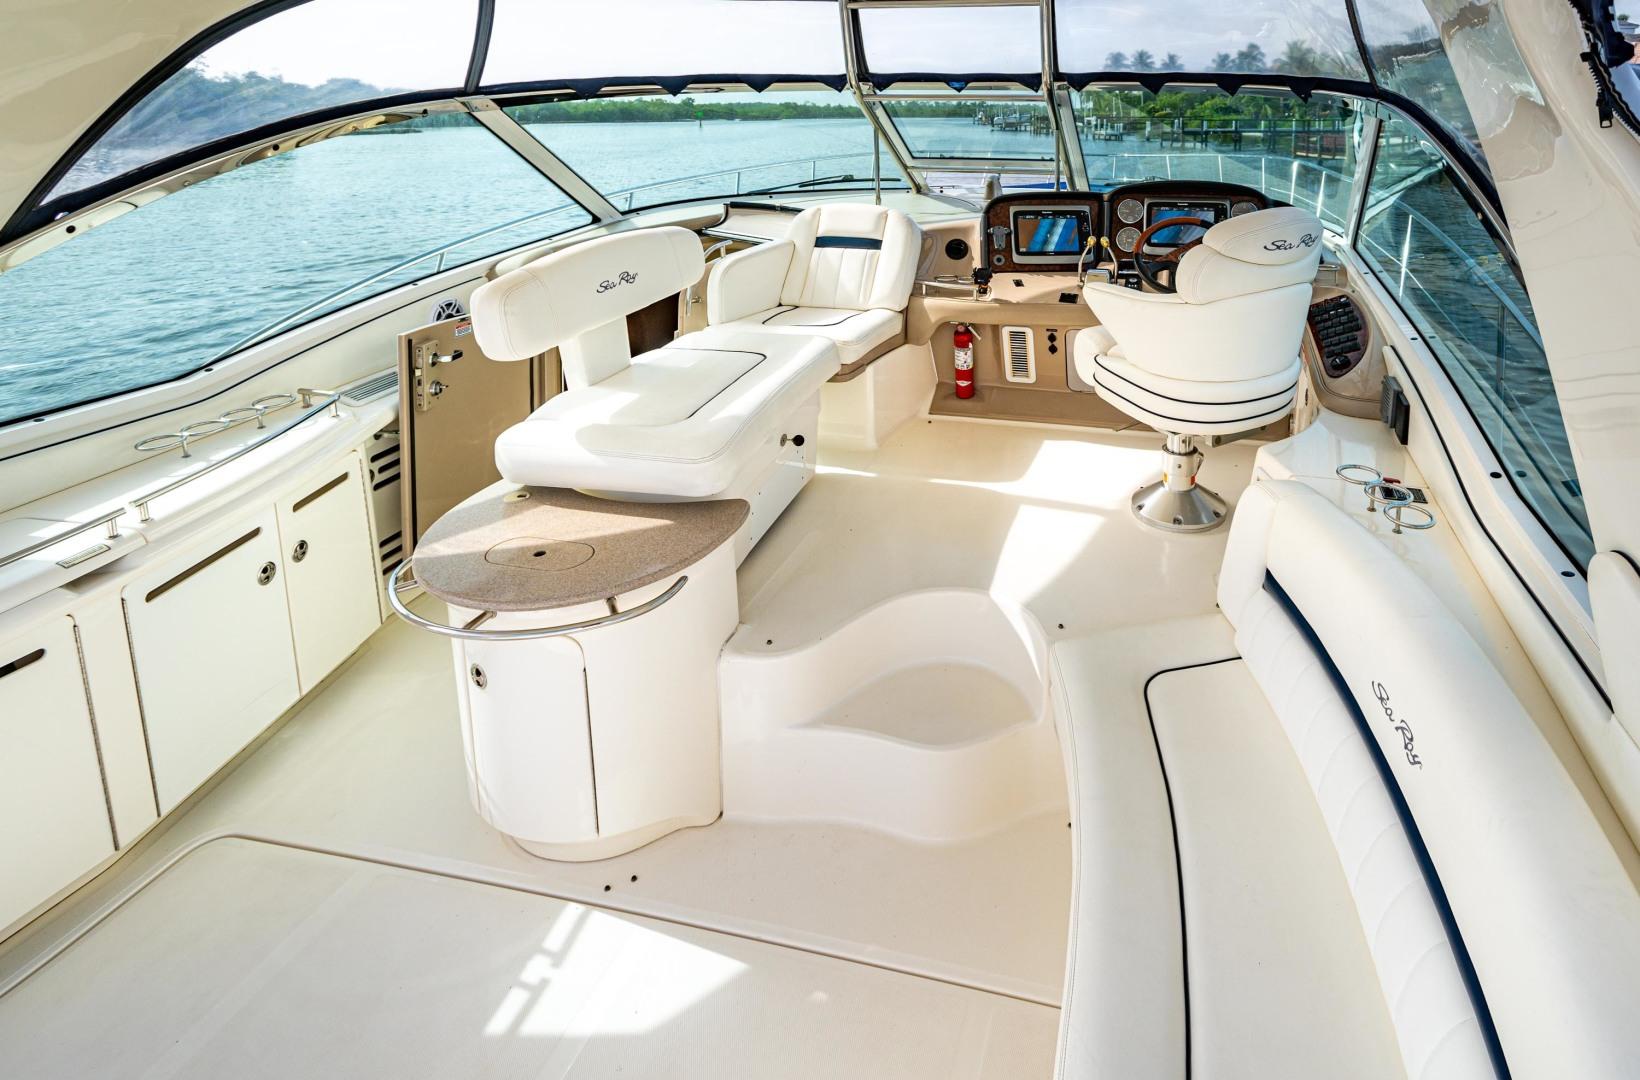 Sea Ray-Sundancer 2005-EXECUTIVE FUNCTION Jupiter-Florida-United States-Pilothouse-1481974 | Thumbnail